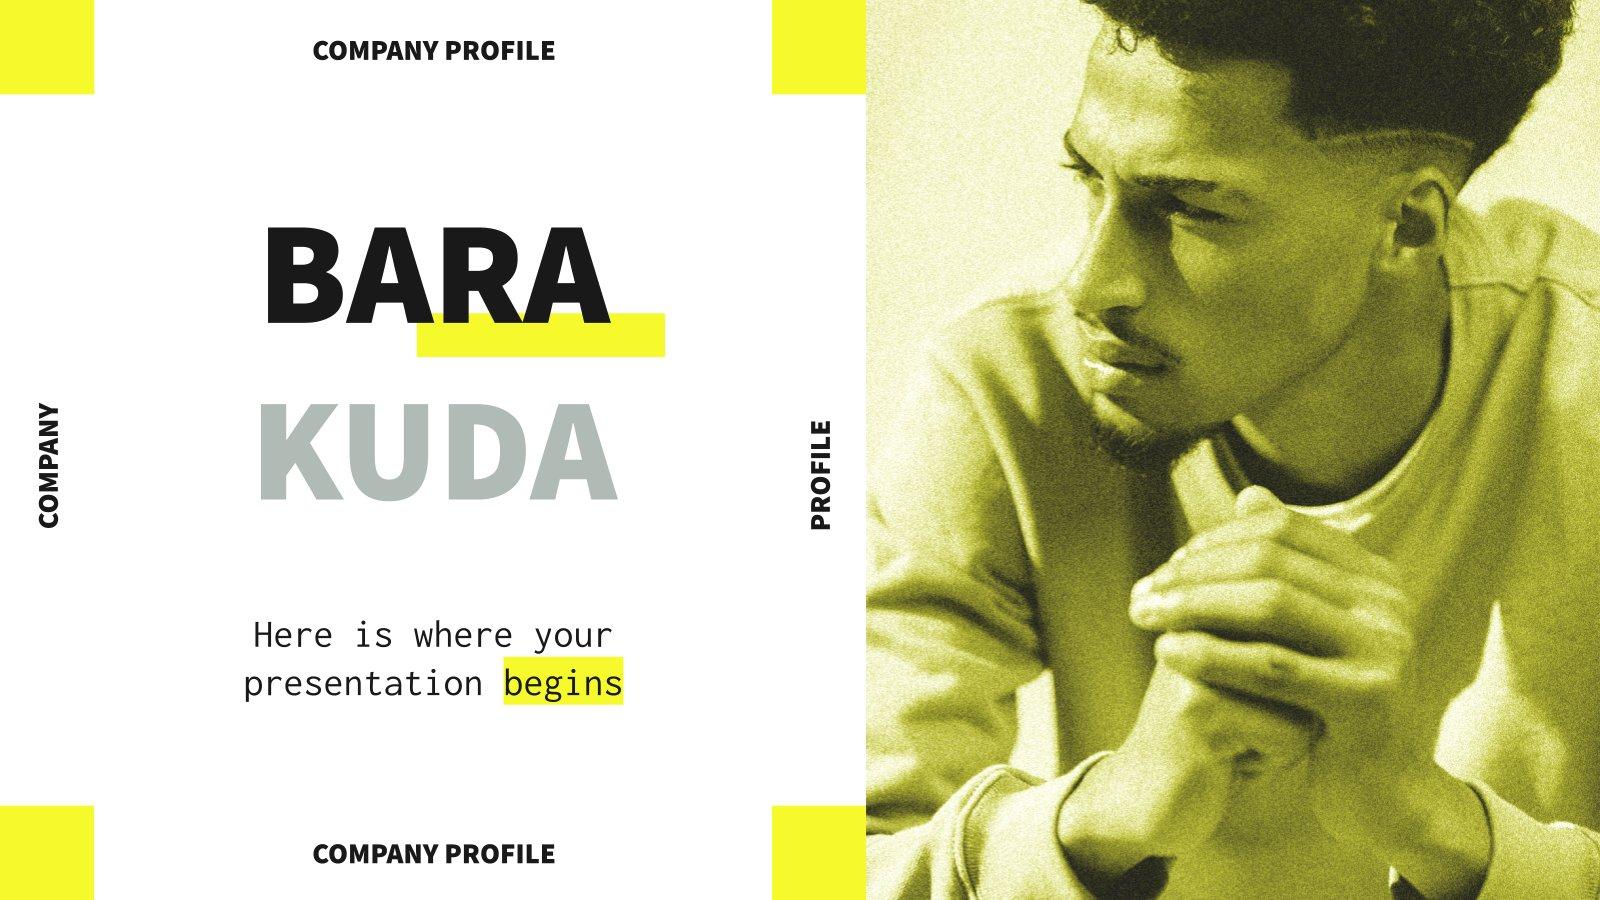 Barakuda Firmenprofil Präsentationsvorlage